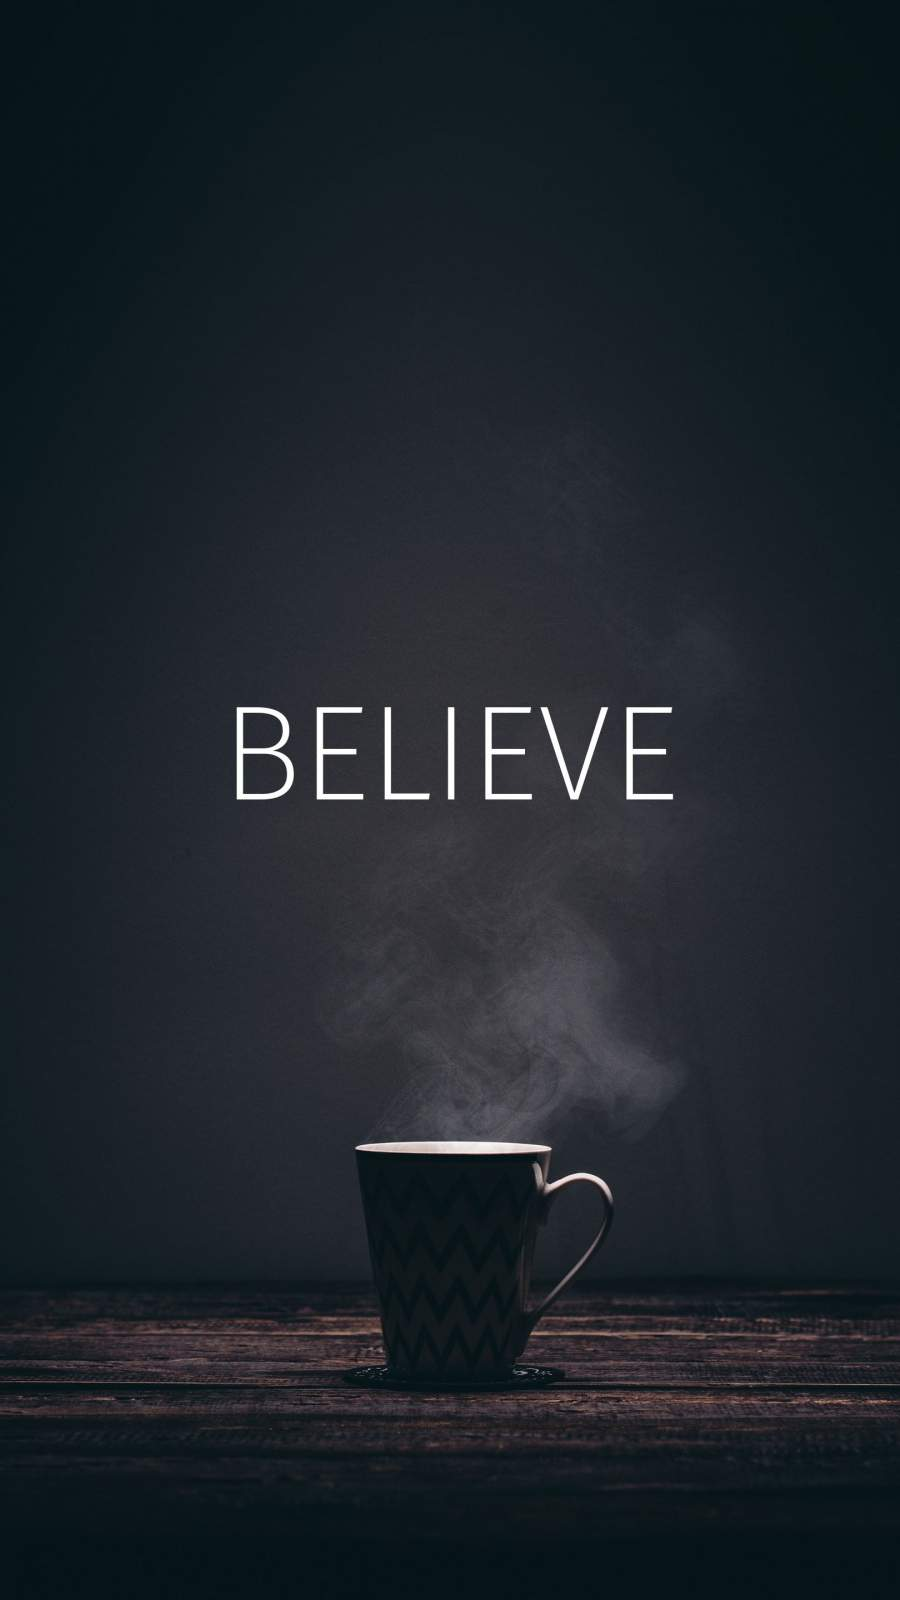 Believe iPhone Wallpaper